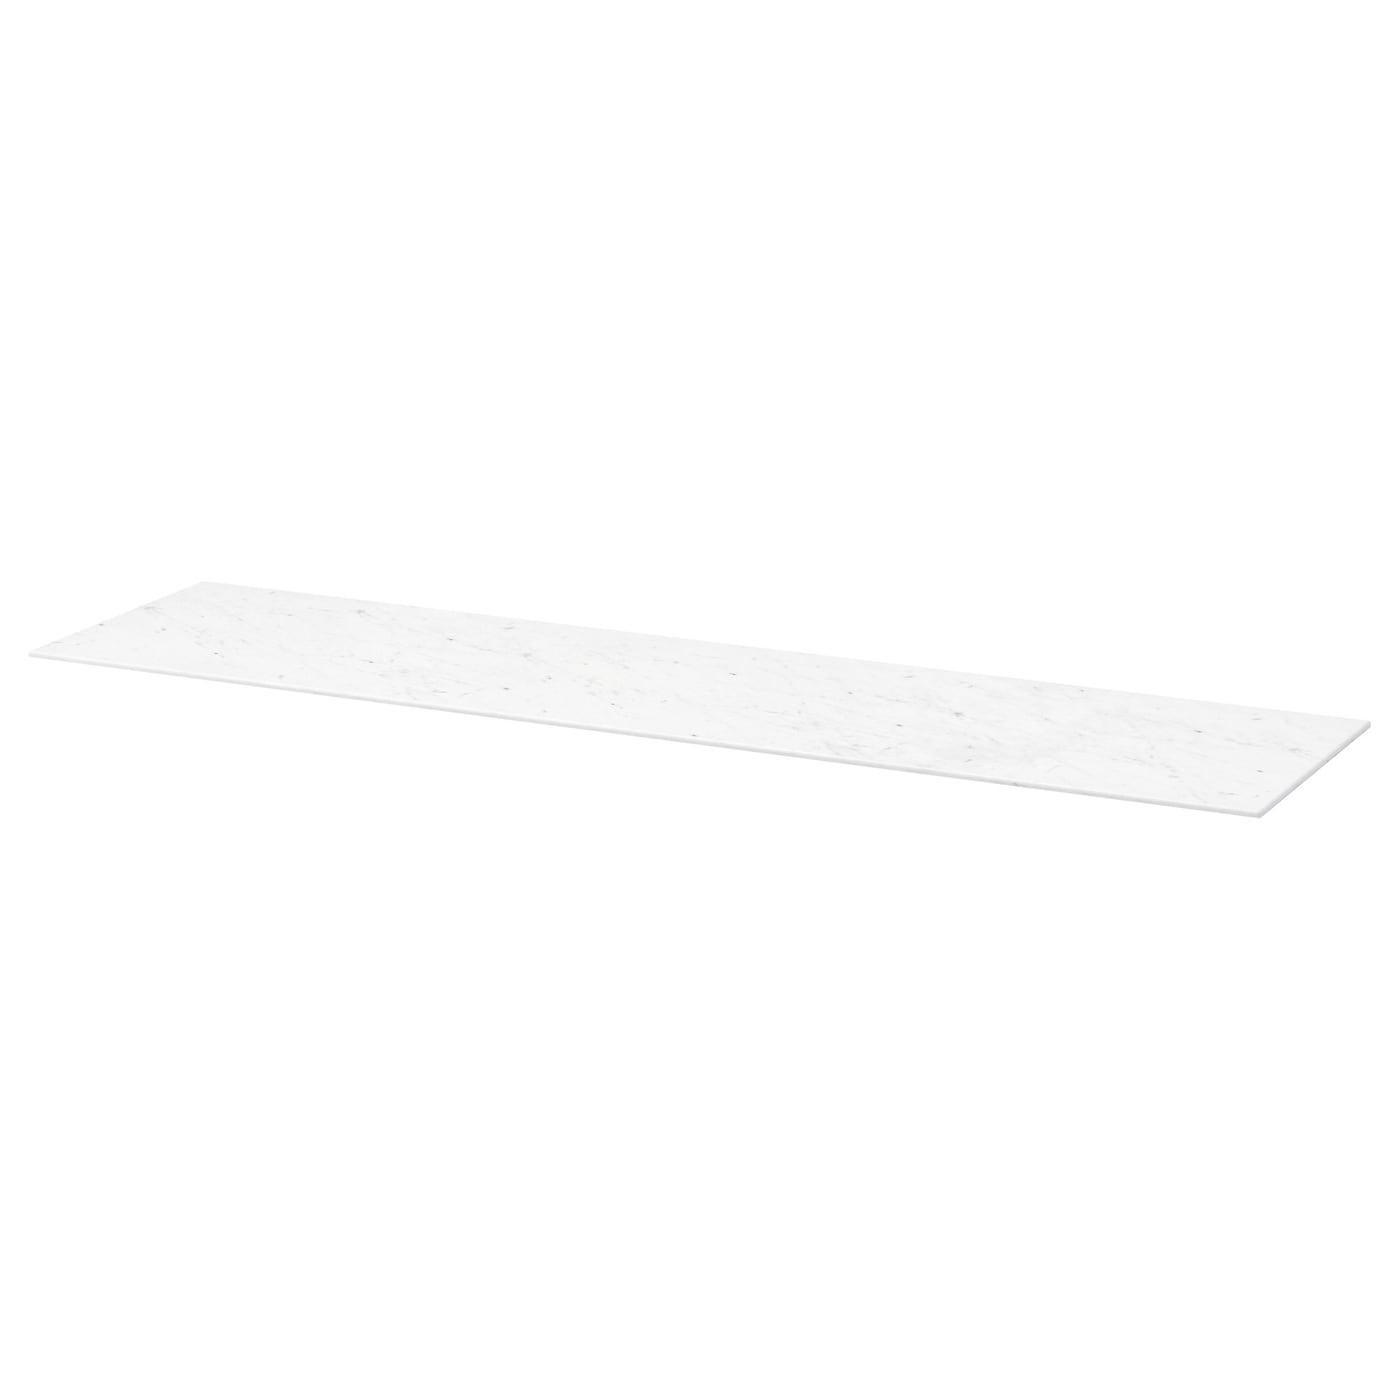 BESTÅ, Deckplatte, weiß marmoriert, weiß 003.638.78